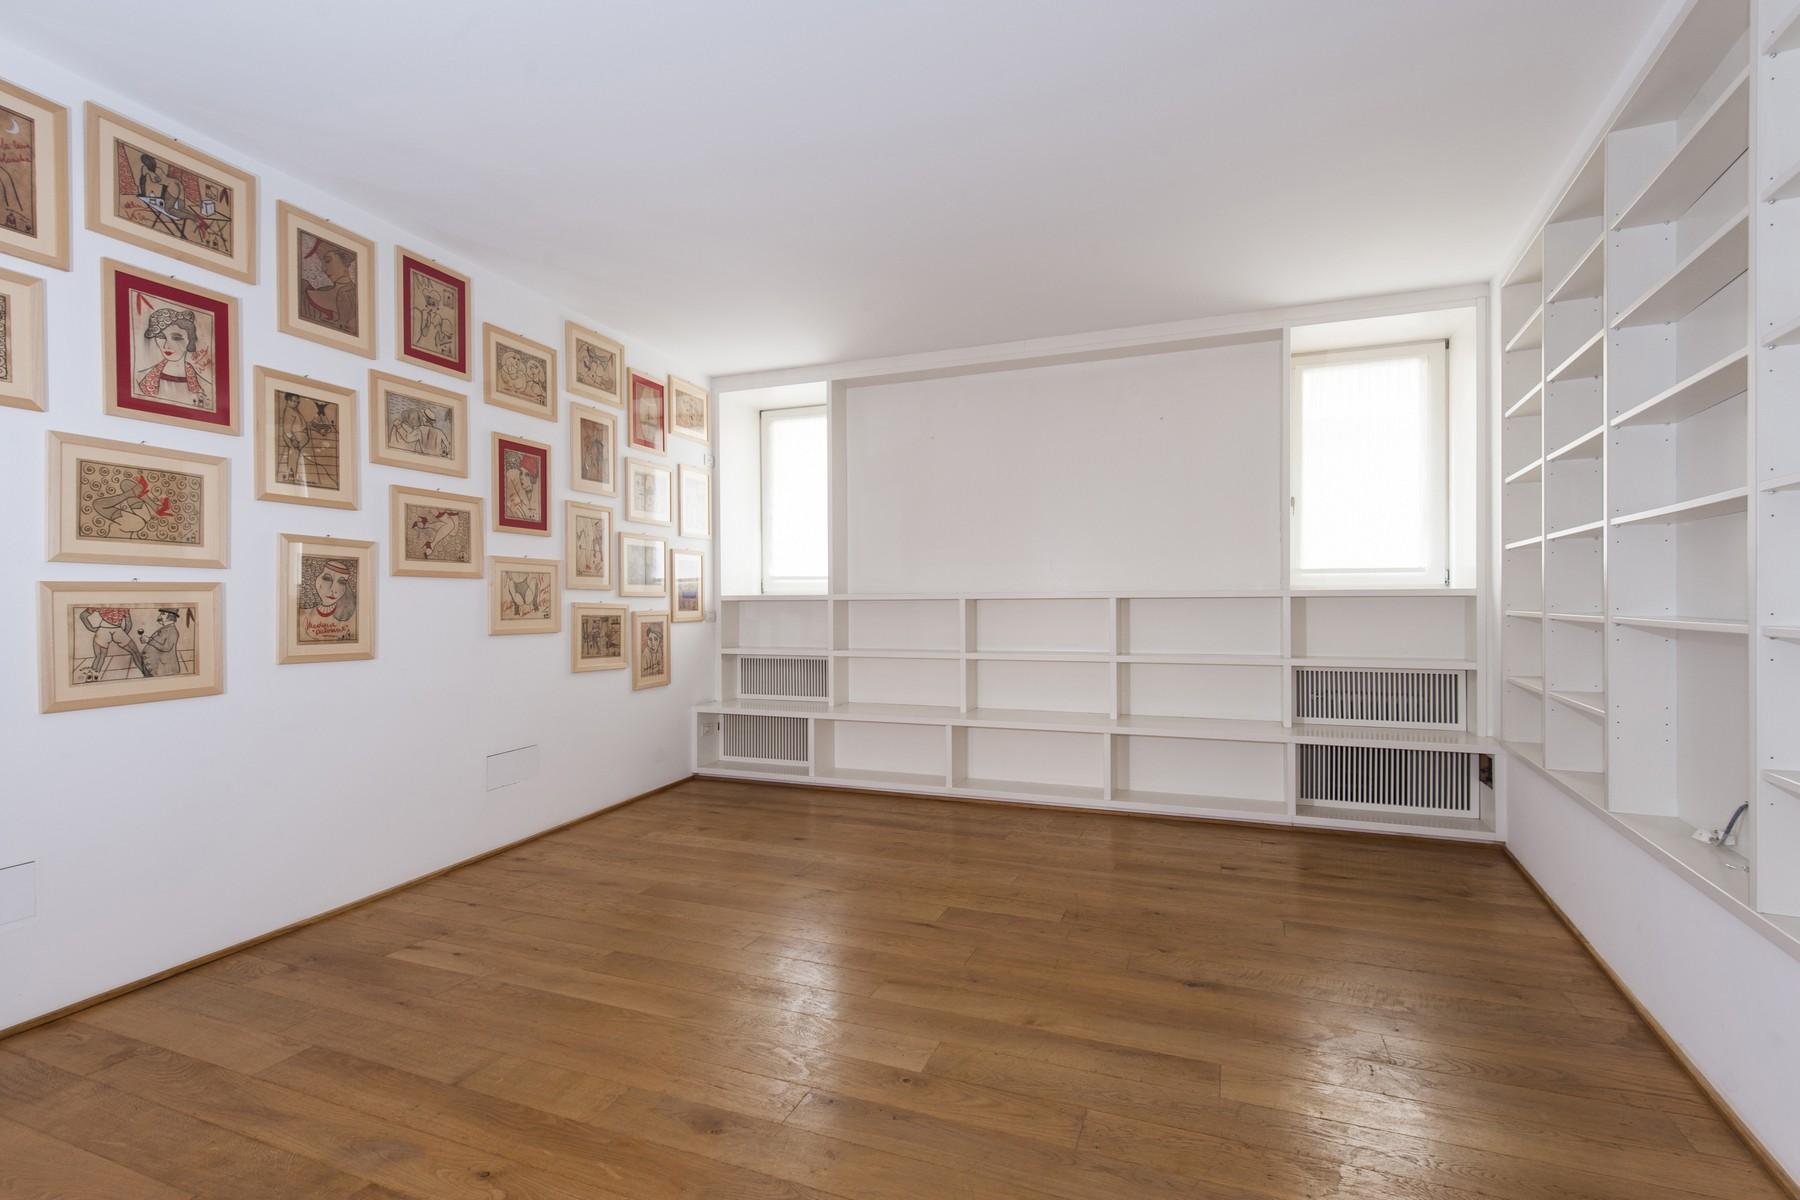 Casa indipendente in Affitto a Roma 01 Centro Storico: 5 locali, 200 mq